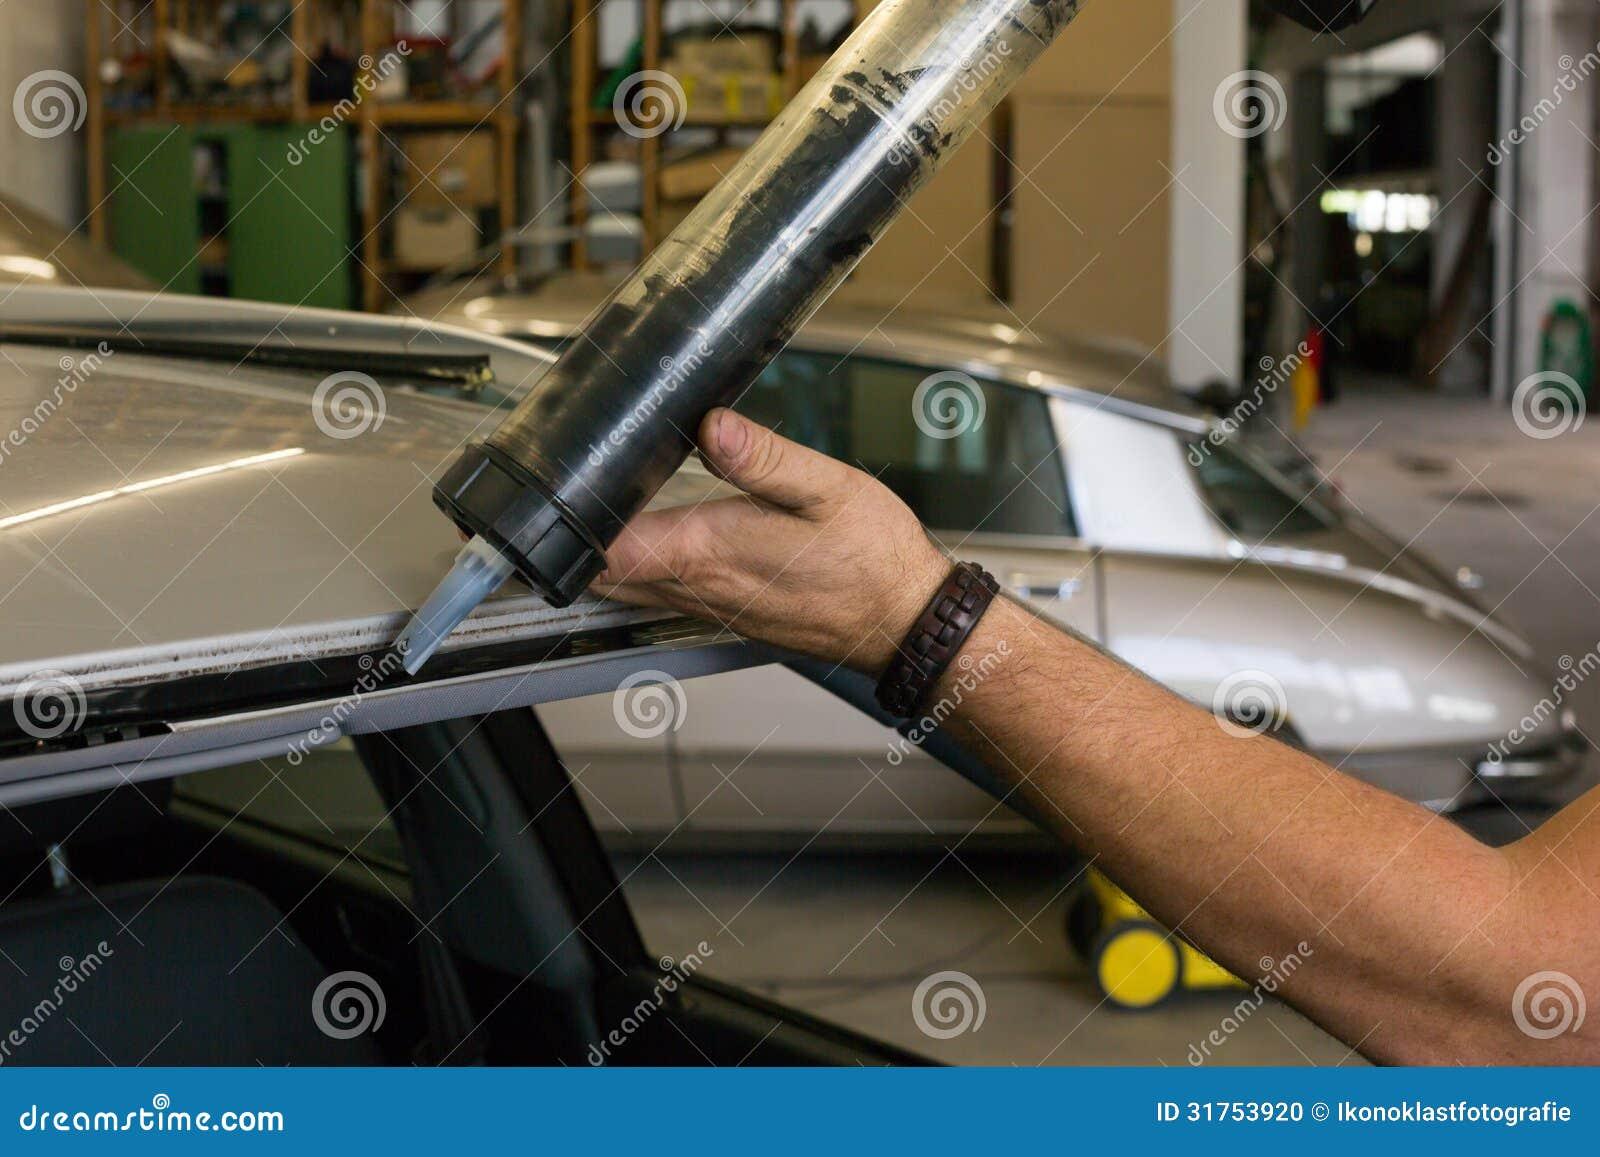 Adesivo Per Vetrai vetraio che per mezzo della pistola di applicazione per